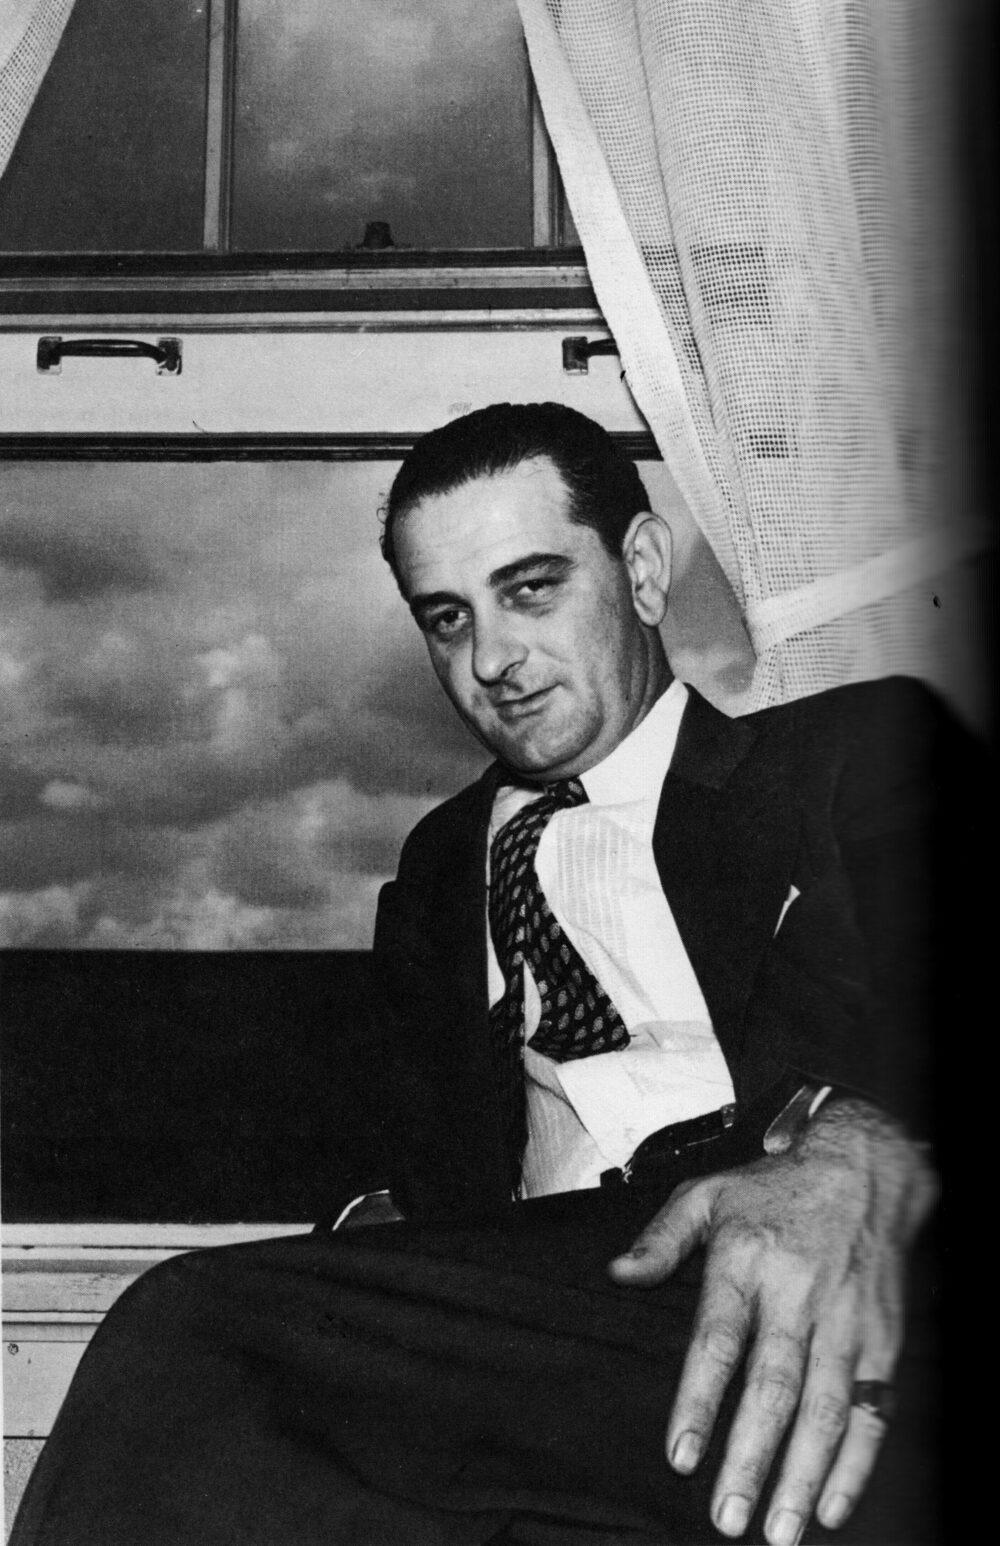 Andy Merrills, Robert Caro, The Years of Lyndon Johnson